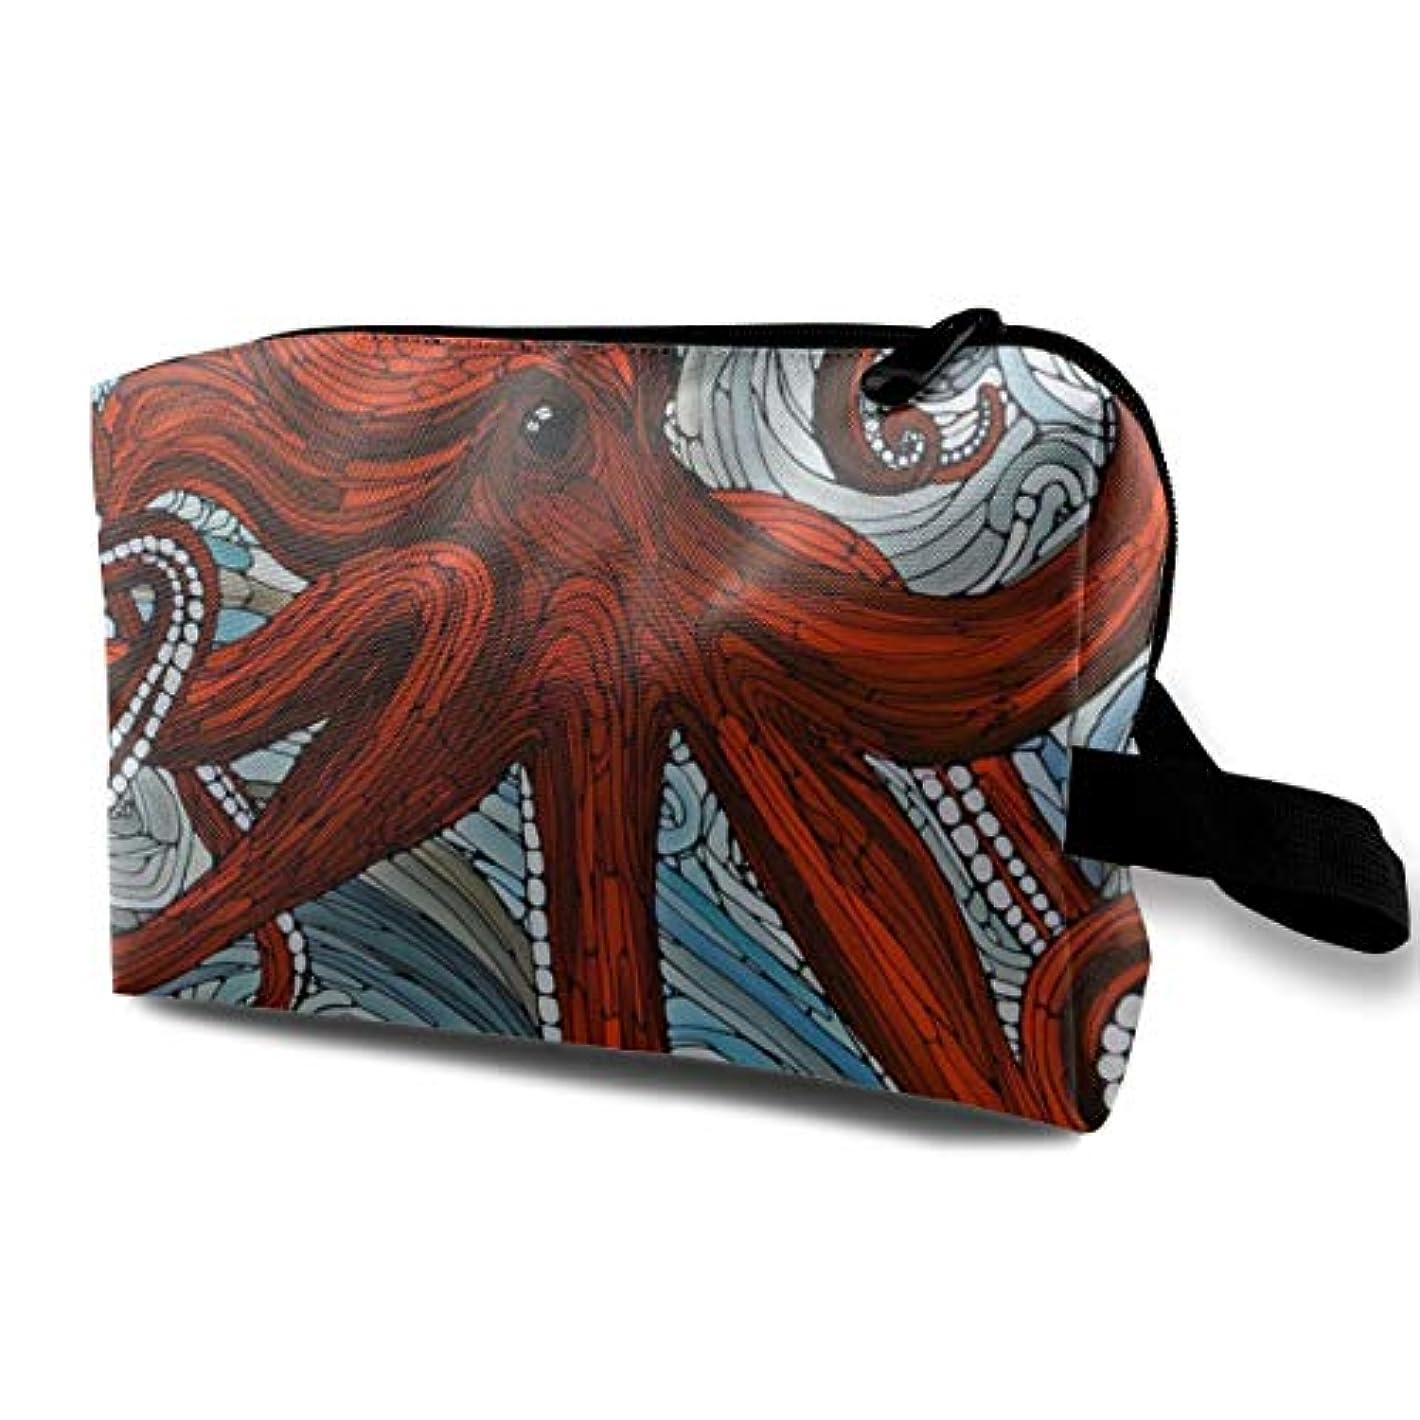 服落胆する歯科医Octopus 収納ポーチ 化粧ポーチ 大容量 軽量 耐久性 ハンドル付持ち運び便利。入れ 自宅?出張?旅行?アウトドア撮影などに対応。メンズ レディース トラベルグッズ